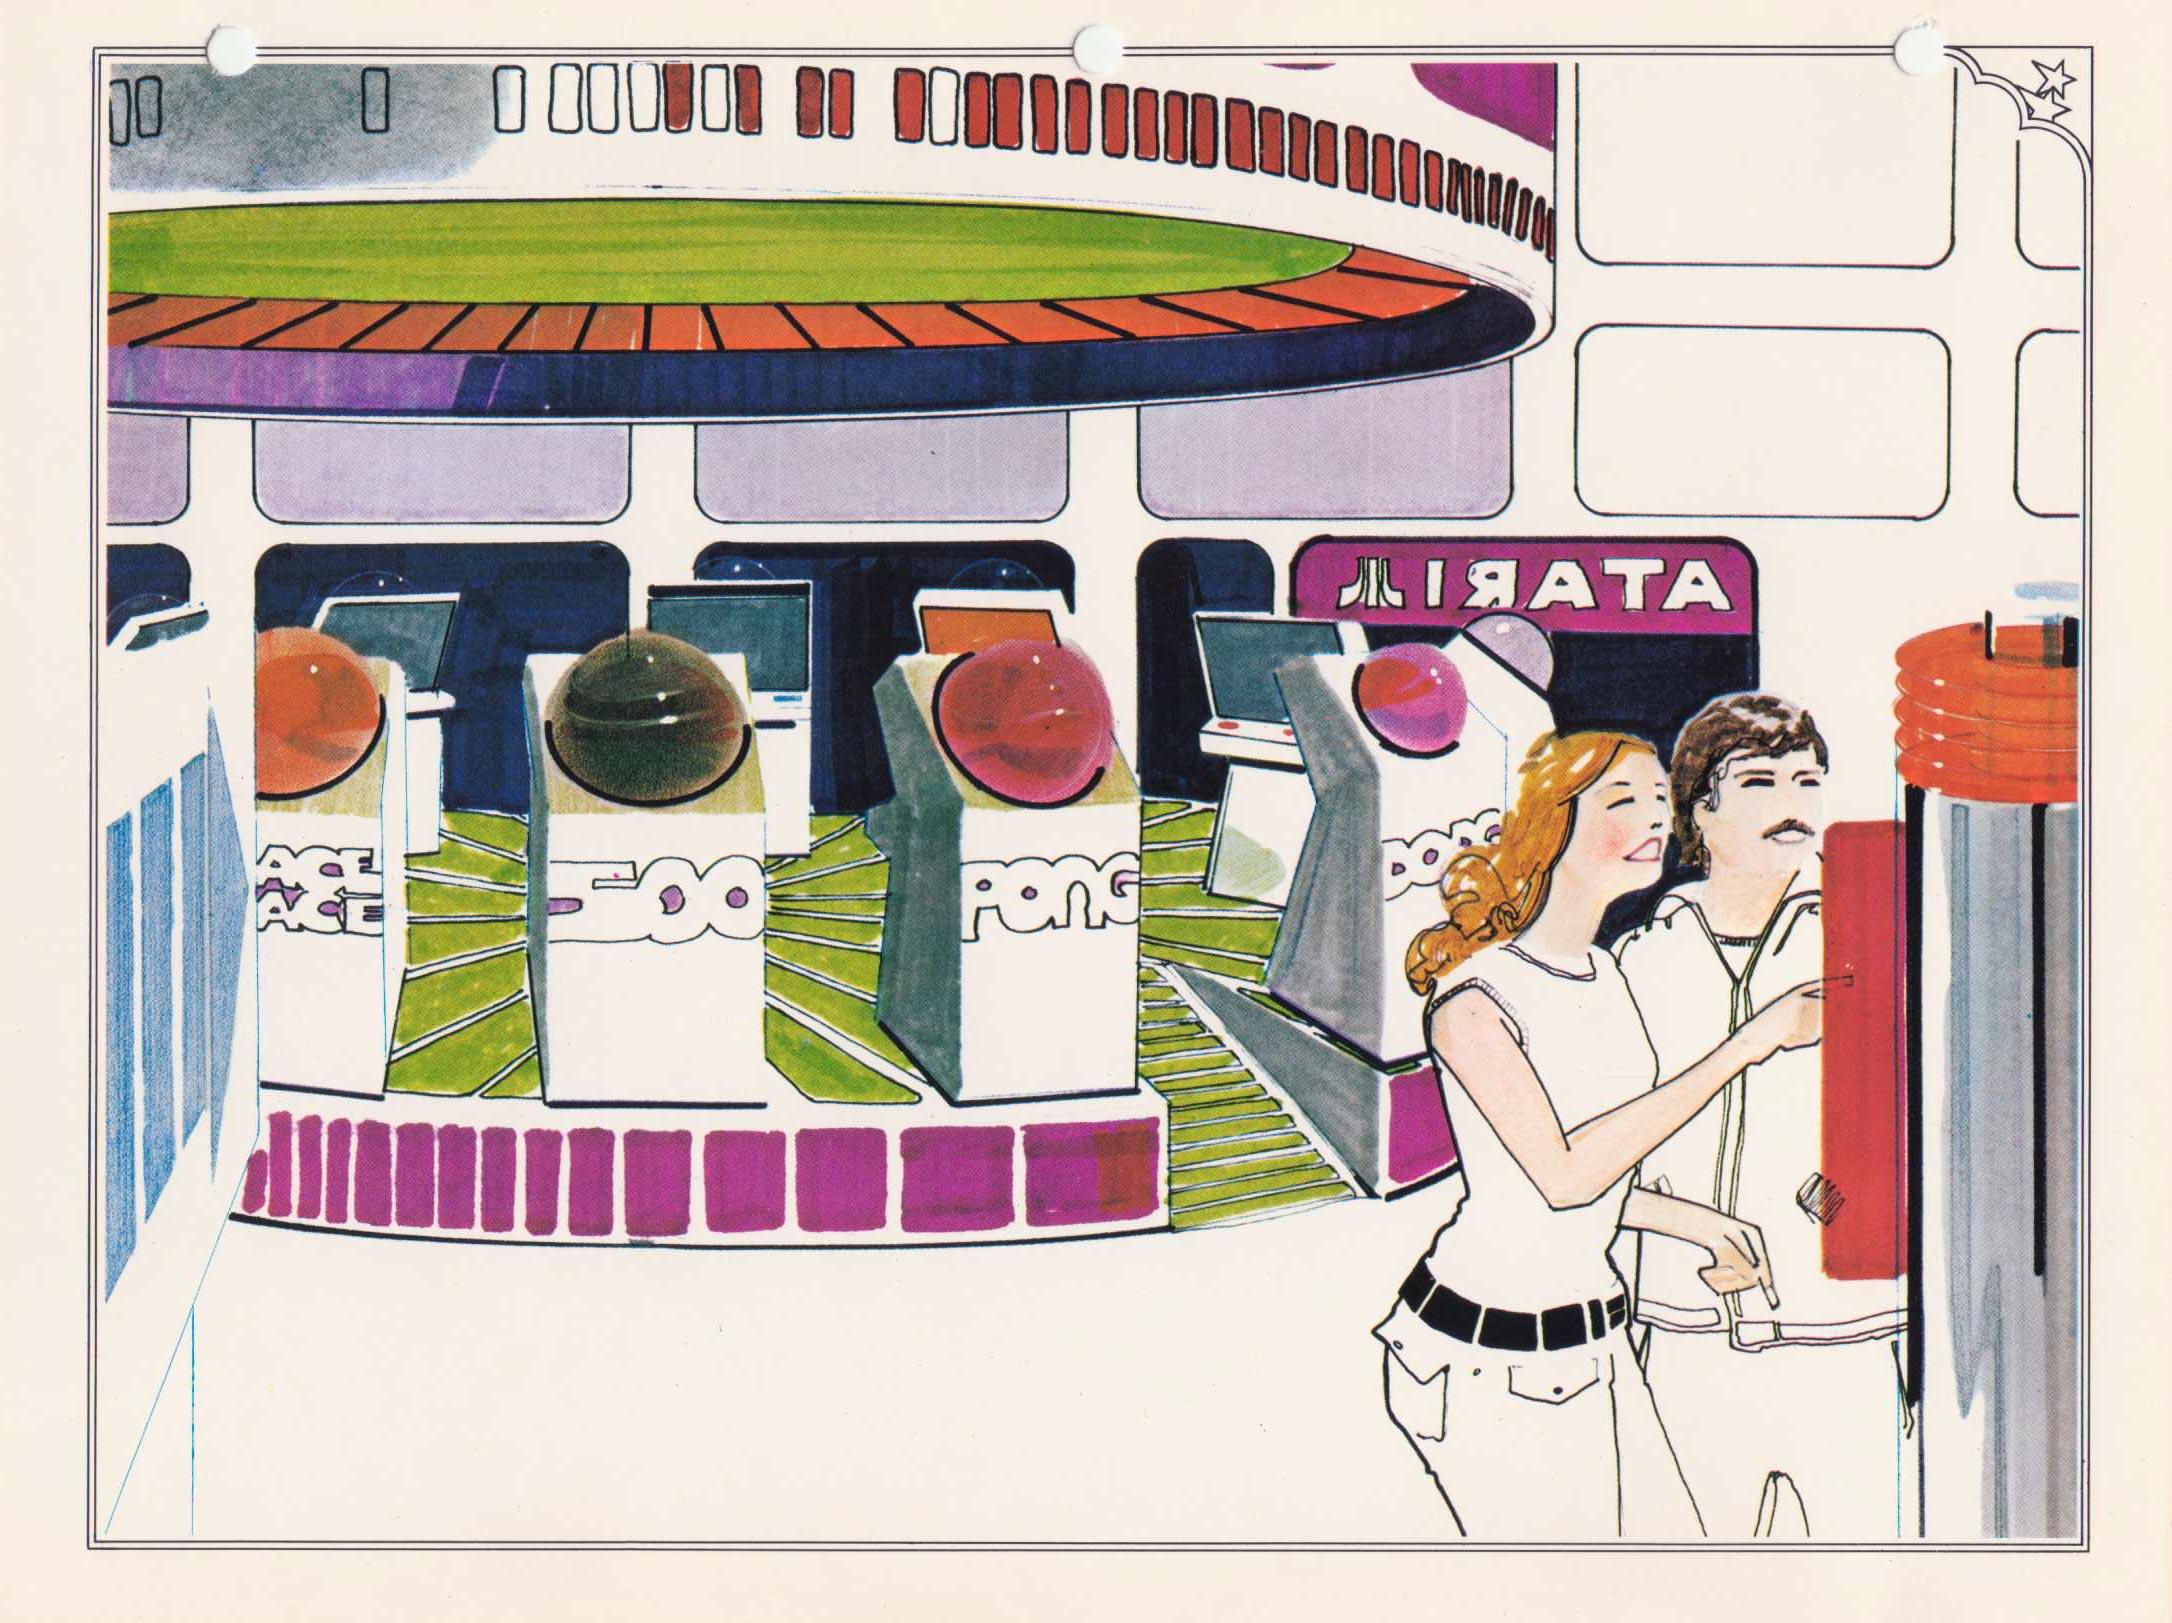 Interior concept art for Atari Leisure Time Game Center video arcade